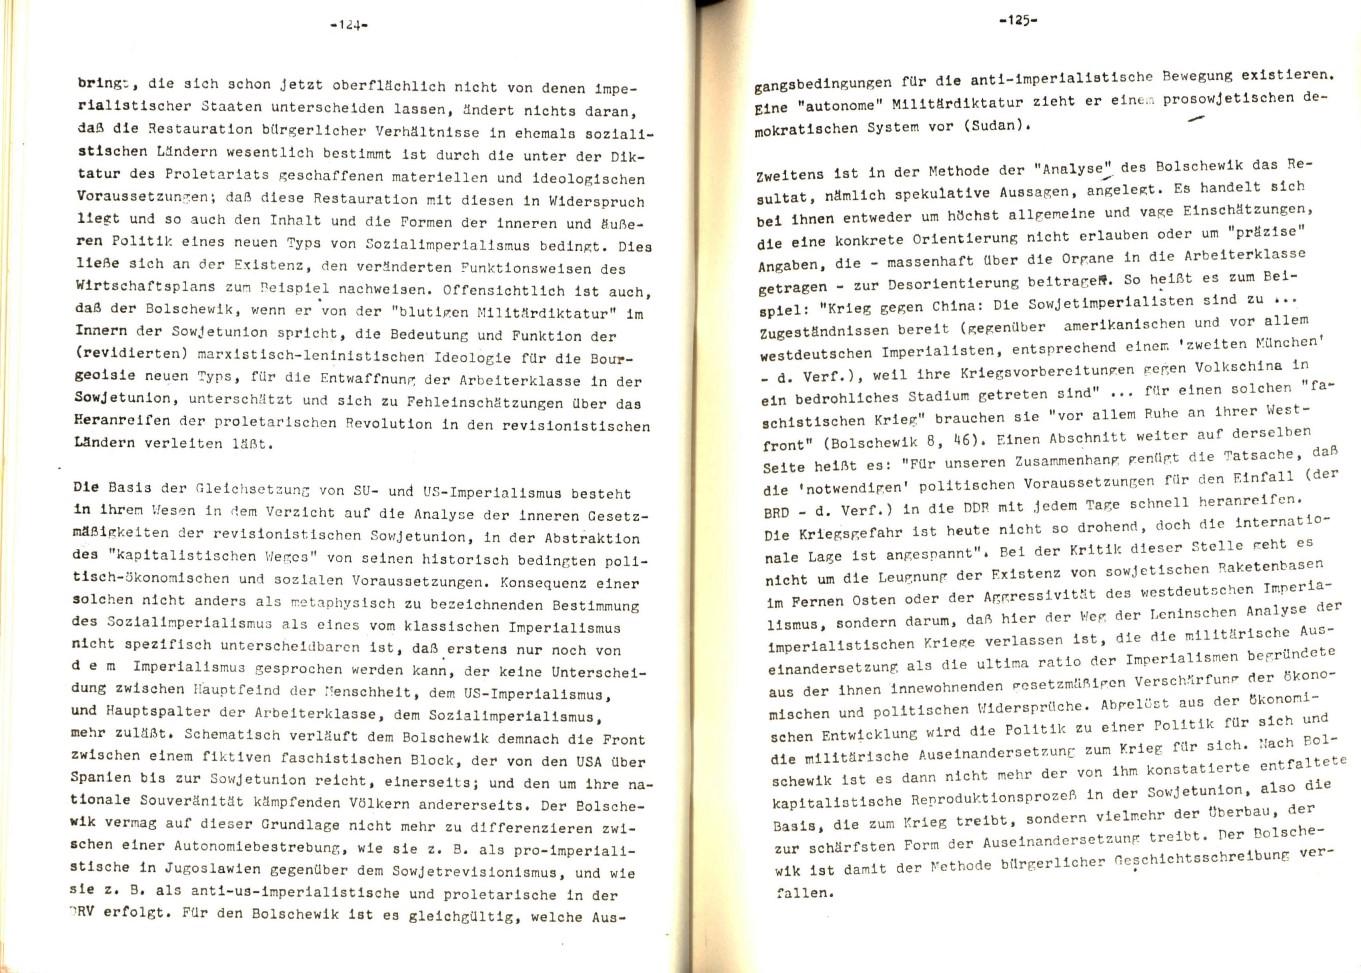 PLPI_1971_Aufloesung_65